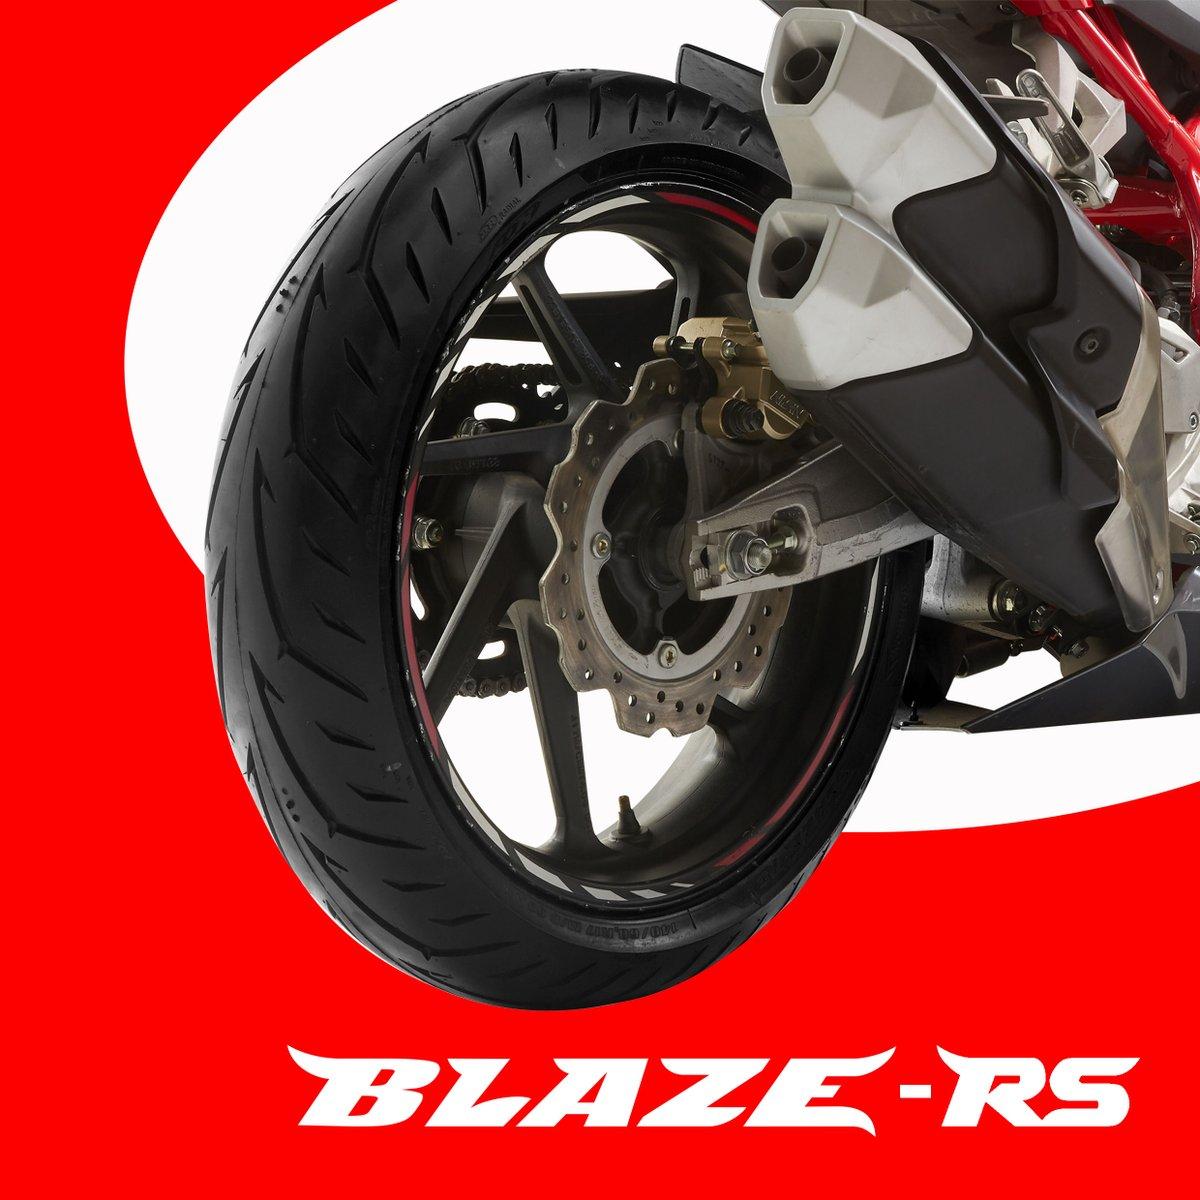 Blaze RS, ban radial dengan intermediate compound bikin motor sport Sobat FDR jadi makin nge-grip!  Blaze RS sudah bisa dibeli di Official Store FDR di @Tokopedia Klik link di bio  #fdrtire #banfdr #PakaiBanFDR #BlazeRS https://t.co/Ih7bRD8npE